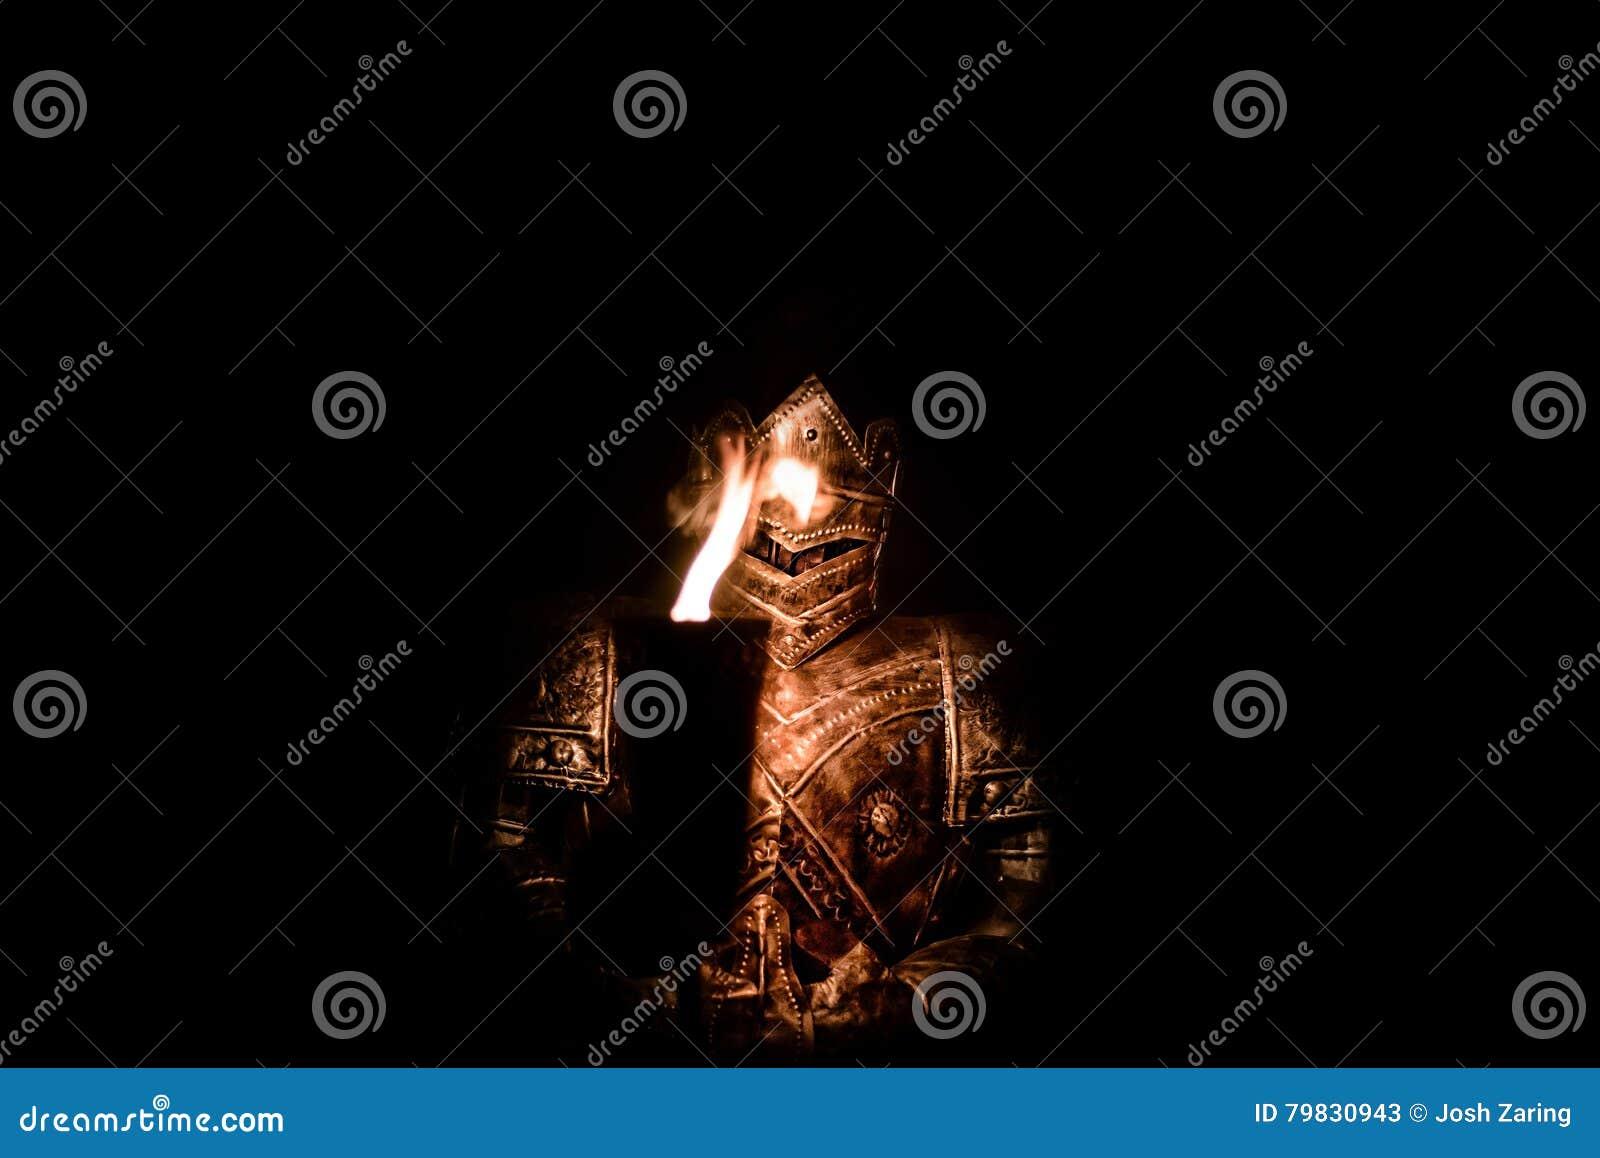 Θωρακισμένος ιππότης στο σκοτάδι με το φανό